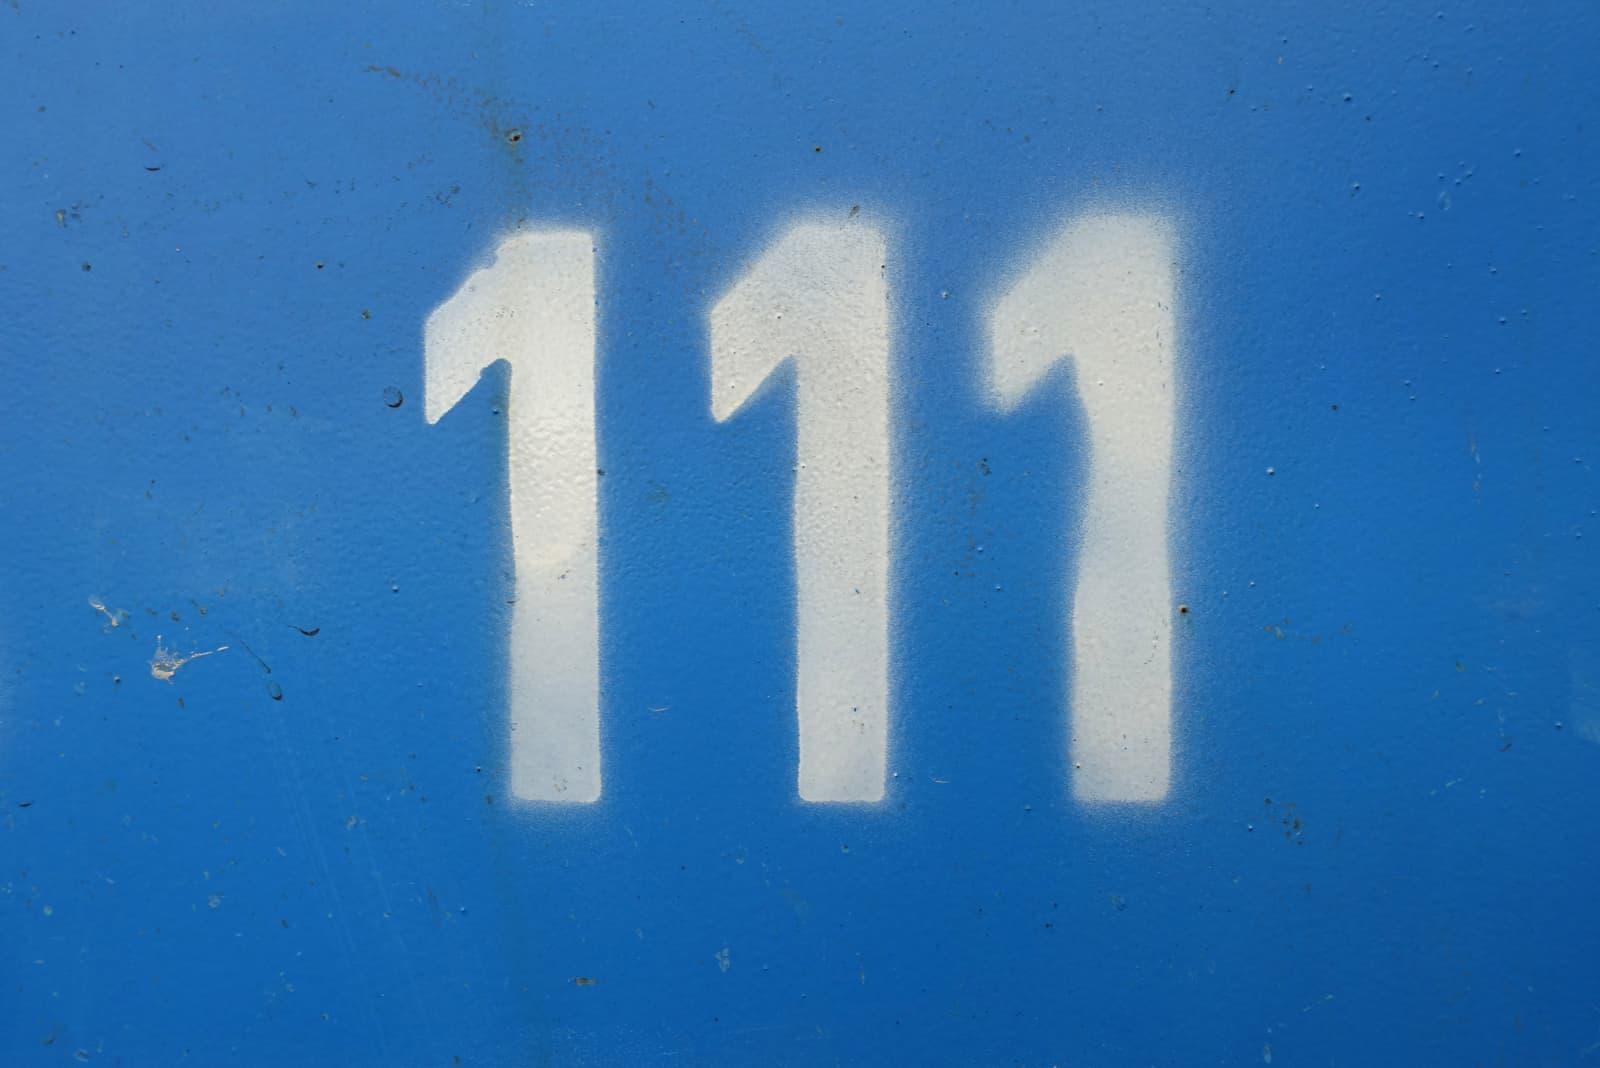 numéro 111 sur fond bleu